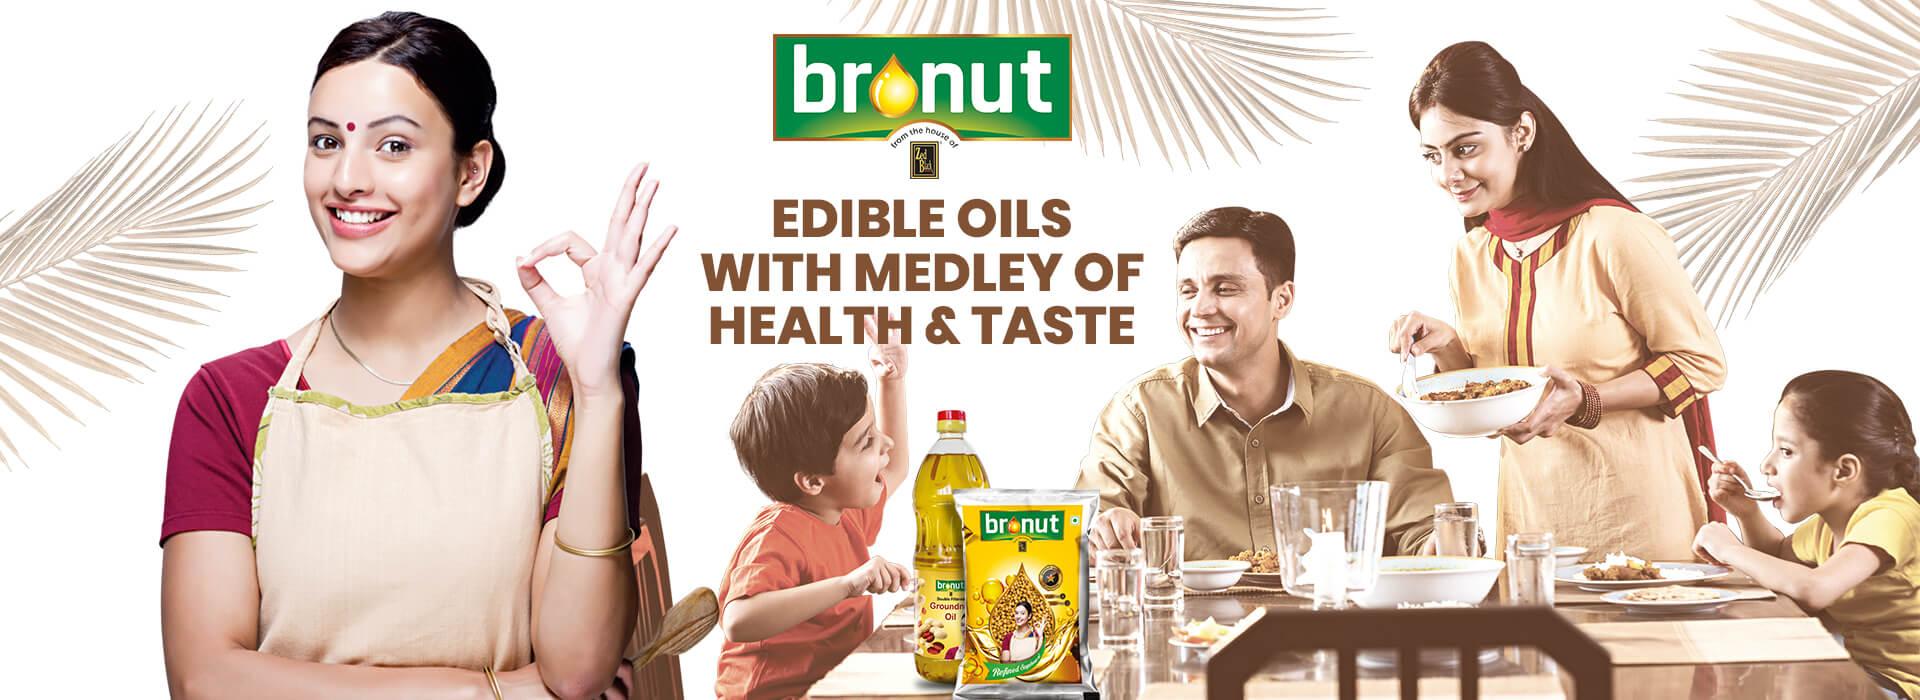 bronut edible oils